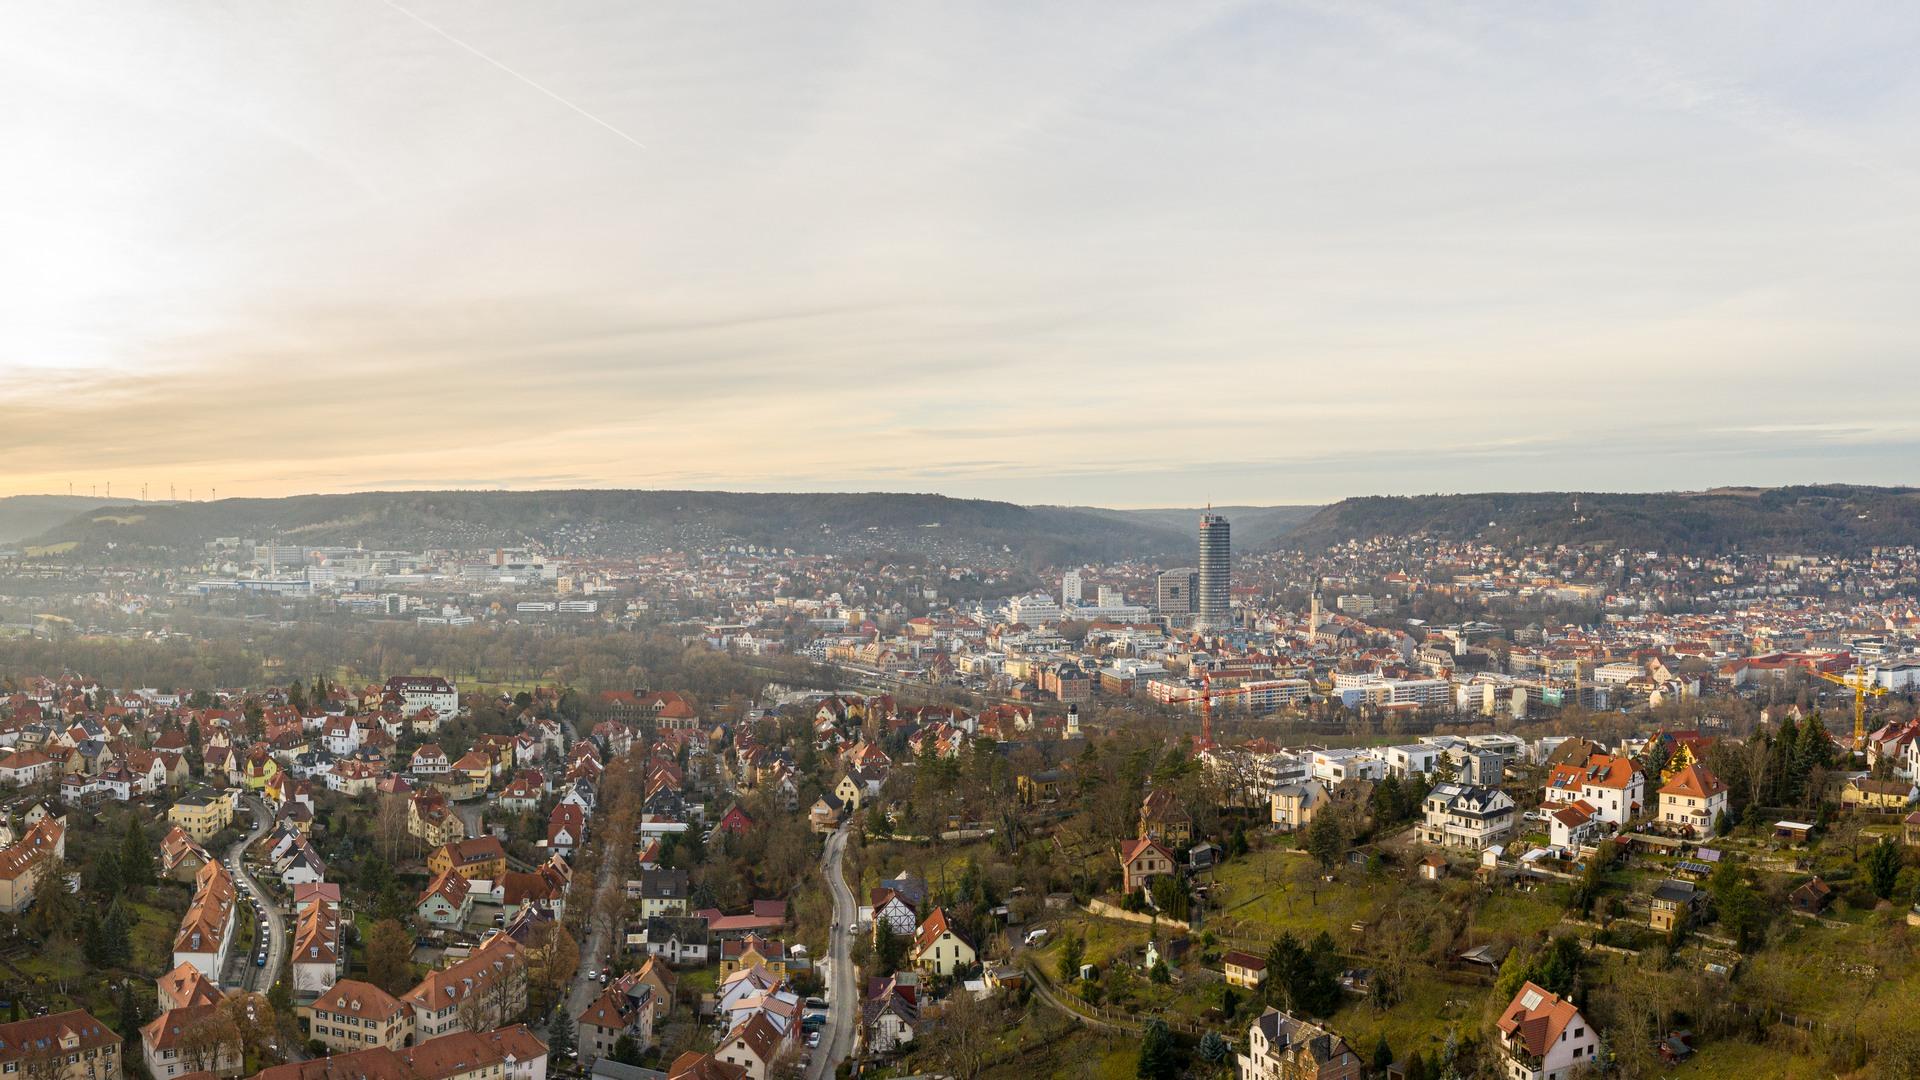 Werbefotografie, Immobilienfotografie, Unternehmensbilder und Unternehmensfotograf im Harz